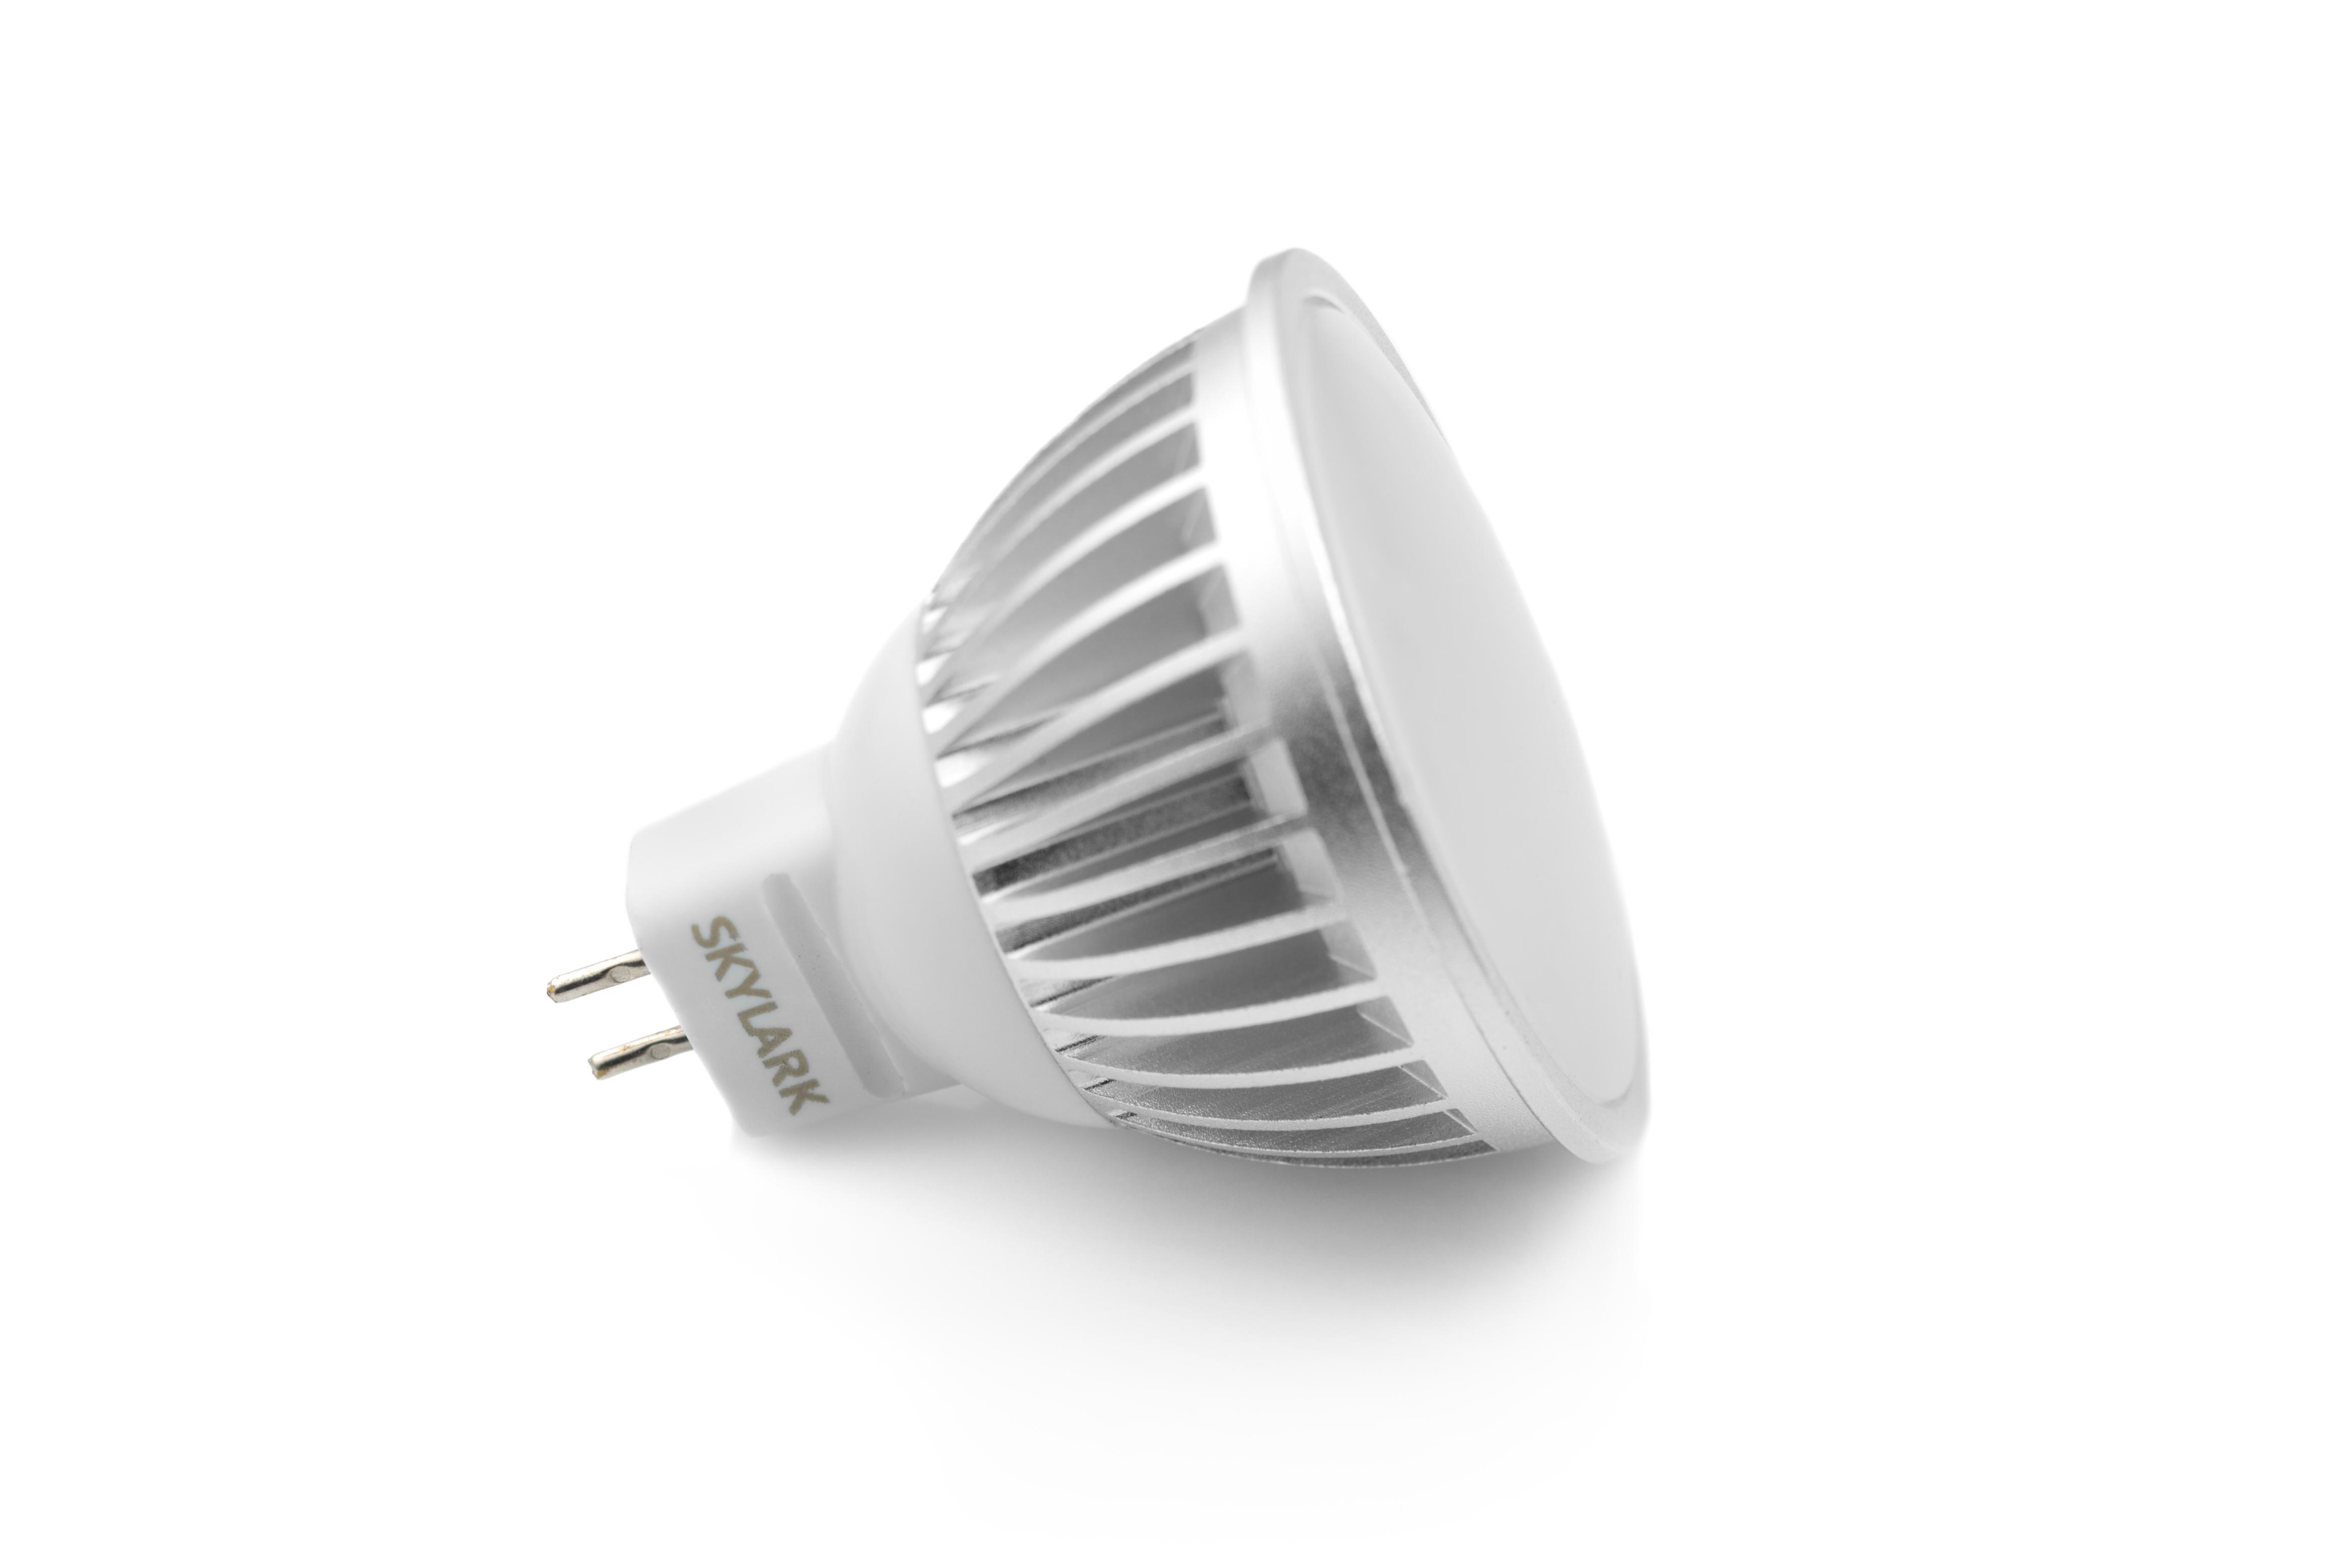 Лампа светодиодная SkylarkЛампы<br>Тип лампы: светодиодная, Форма лампы: дисковая, Типоразмер: MR16, Цвет колбы: белая, Тип цоколя: GU5.3, Мощность: 7, Цветовая температура: 3500, Цвет свечения: холодный<br>